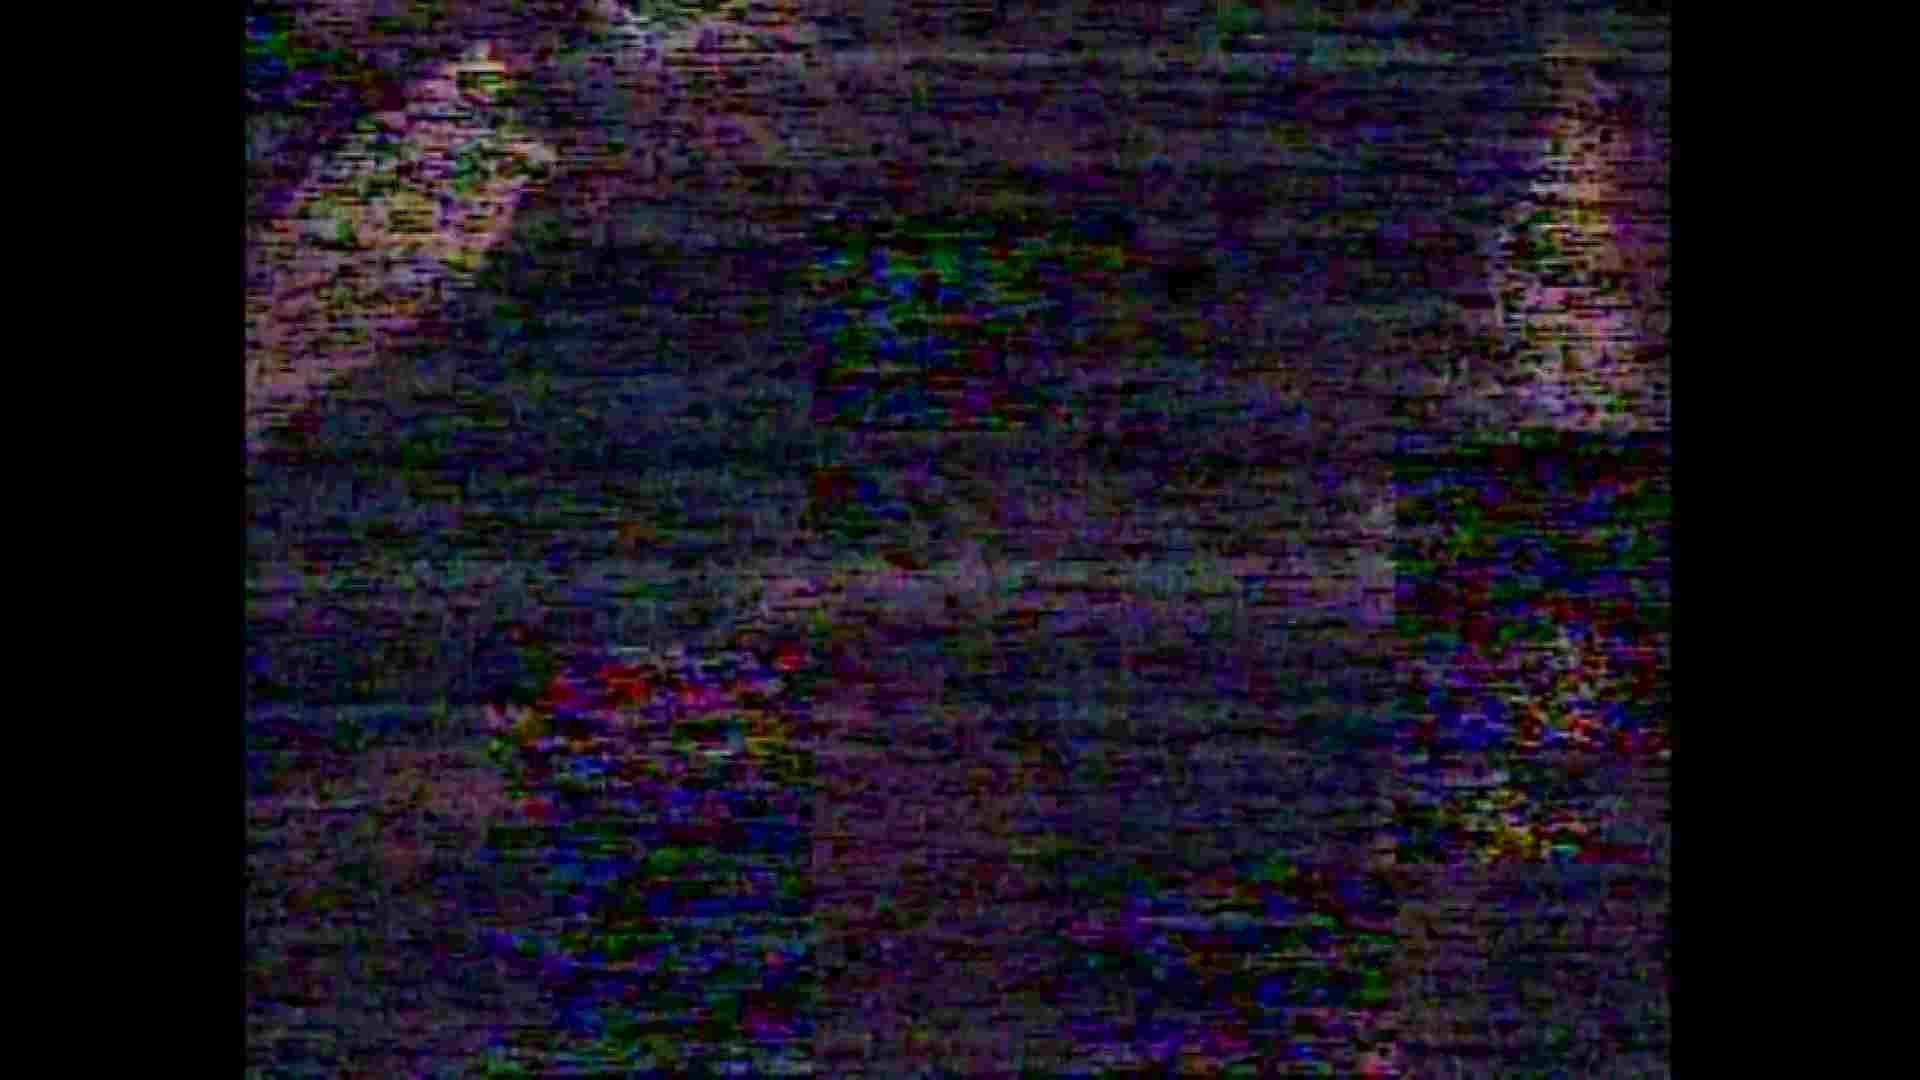 レース場での秘め事 Vol.01 潜入 ヌード画像 84画像 54